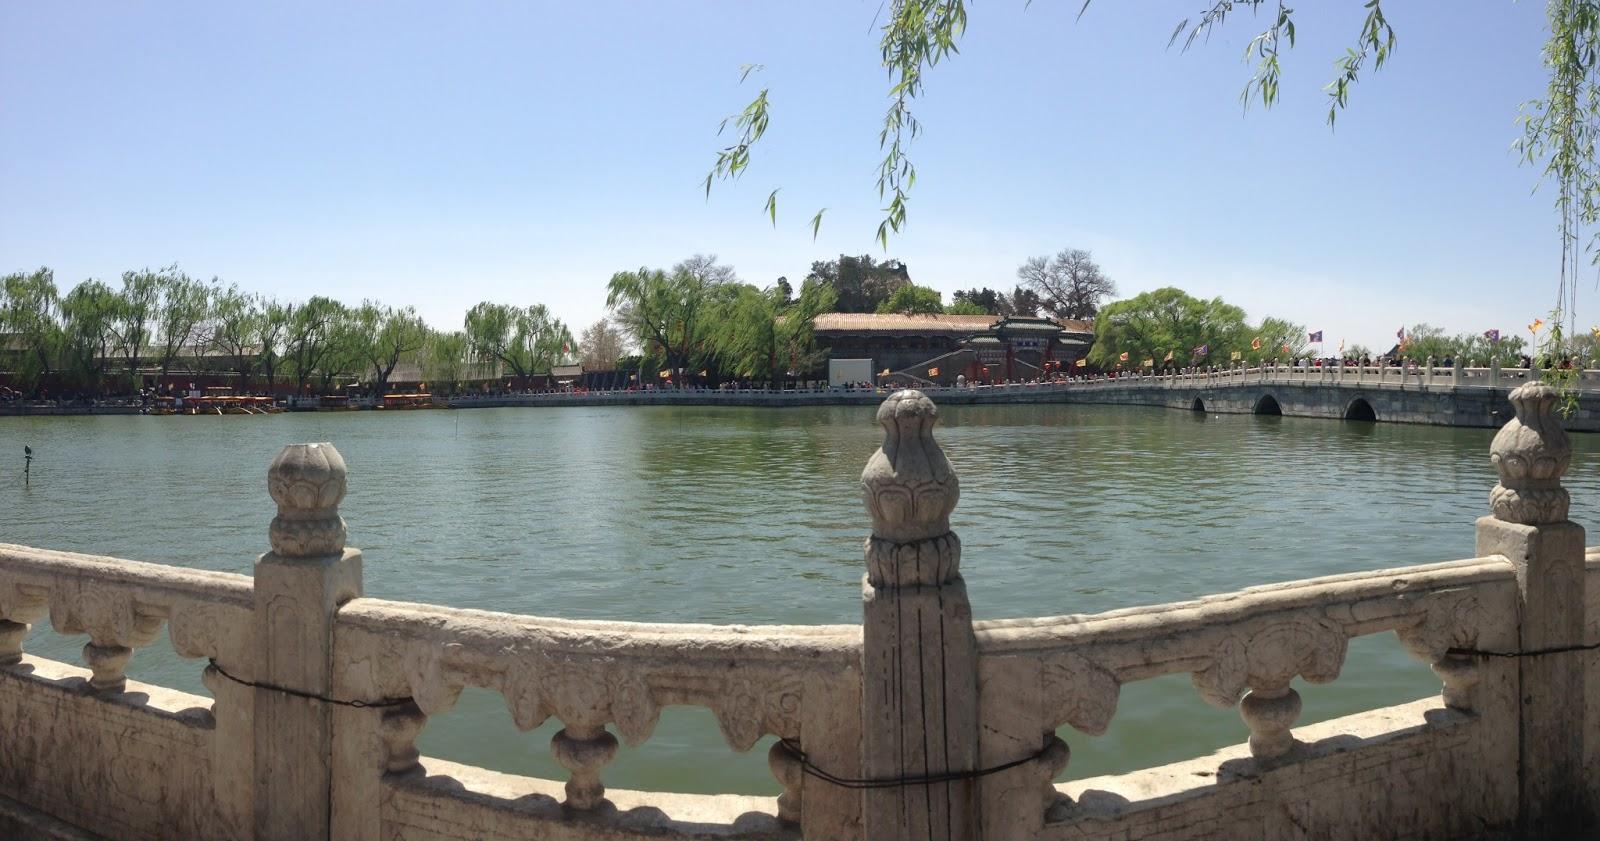 Beihai Park, Beijing, China, CRCC Asia